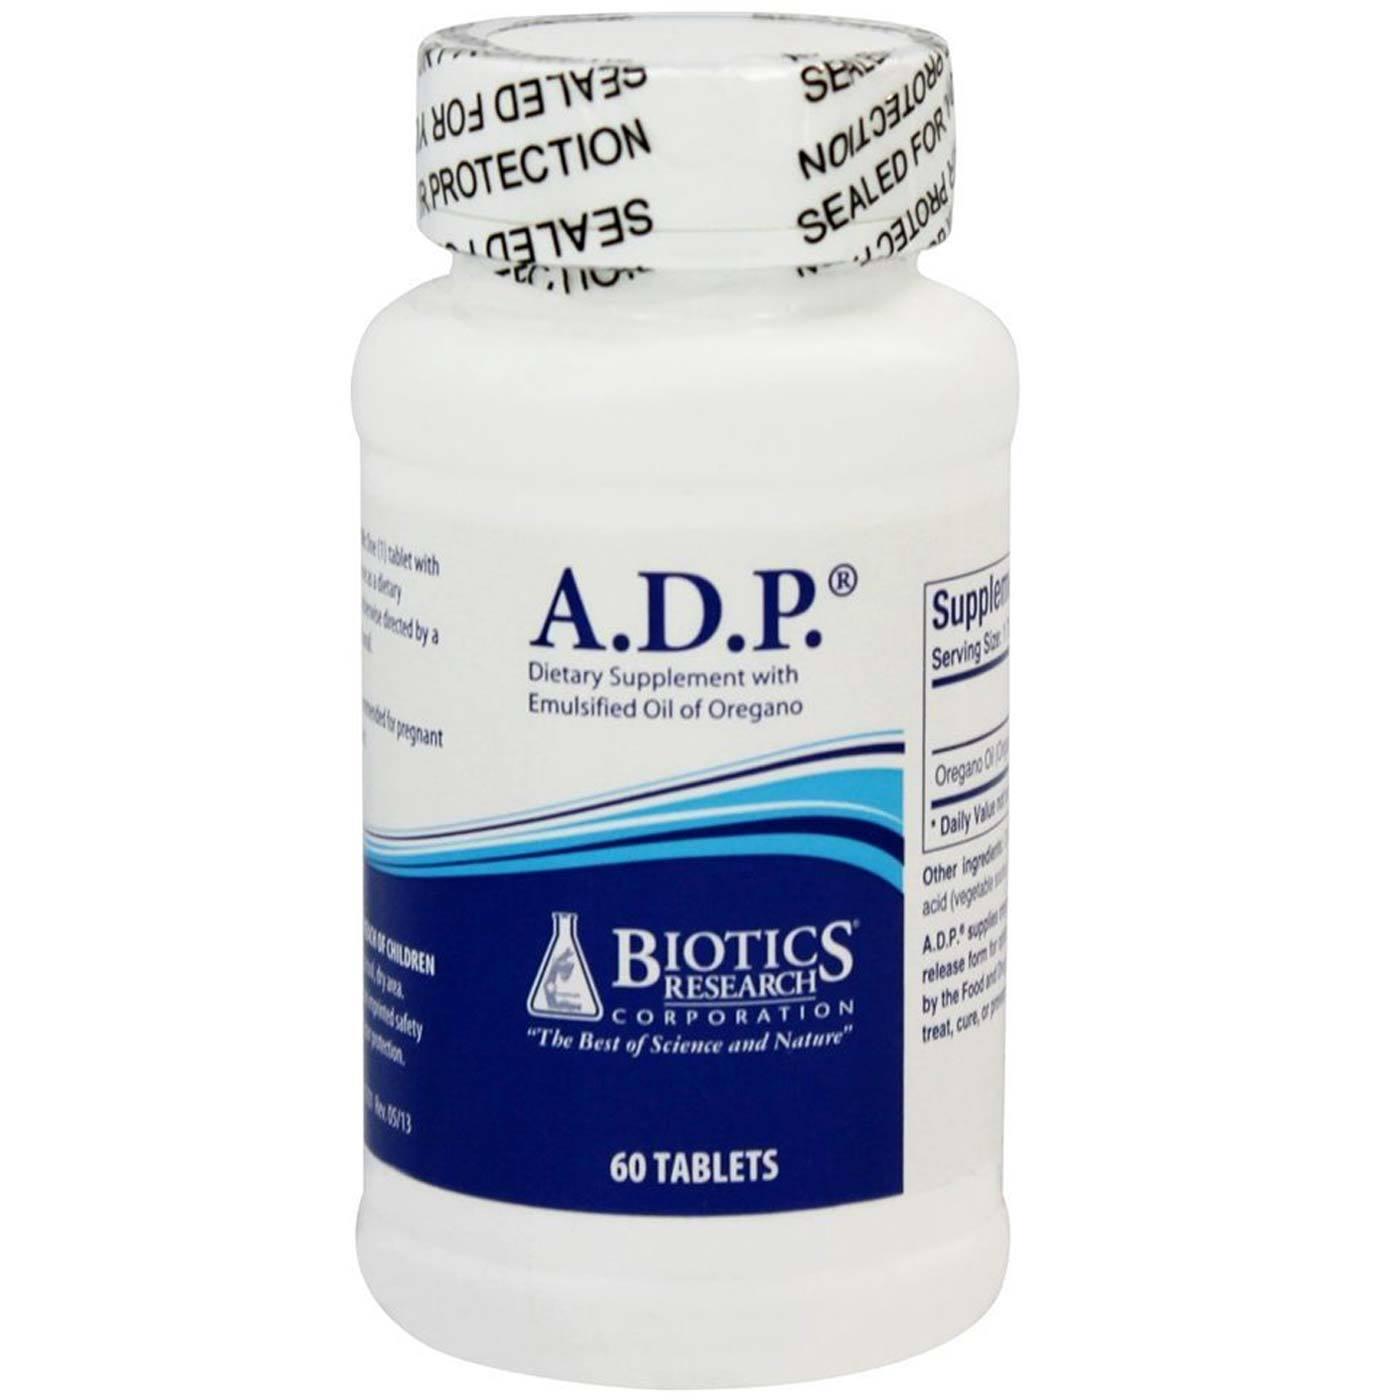 Biotics Research A D P  - 60 Tablets